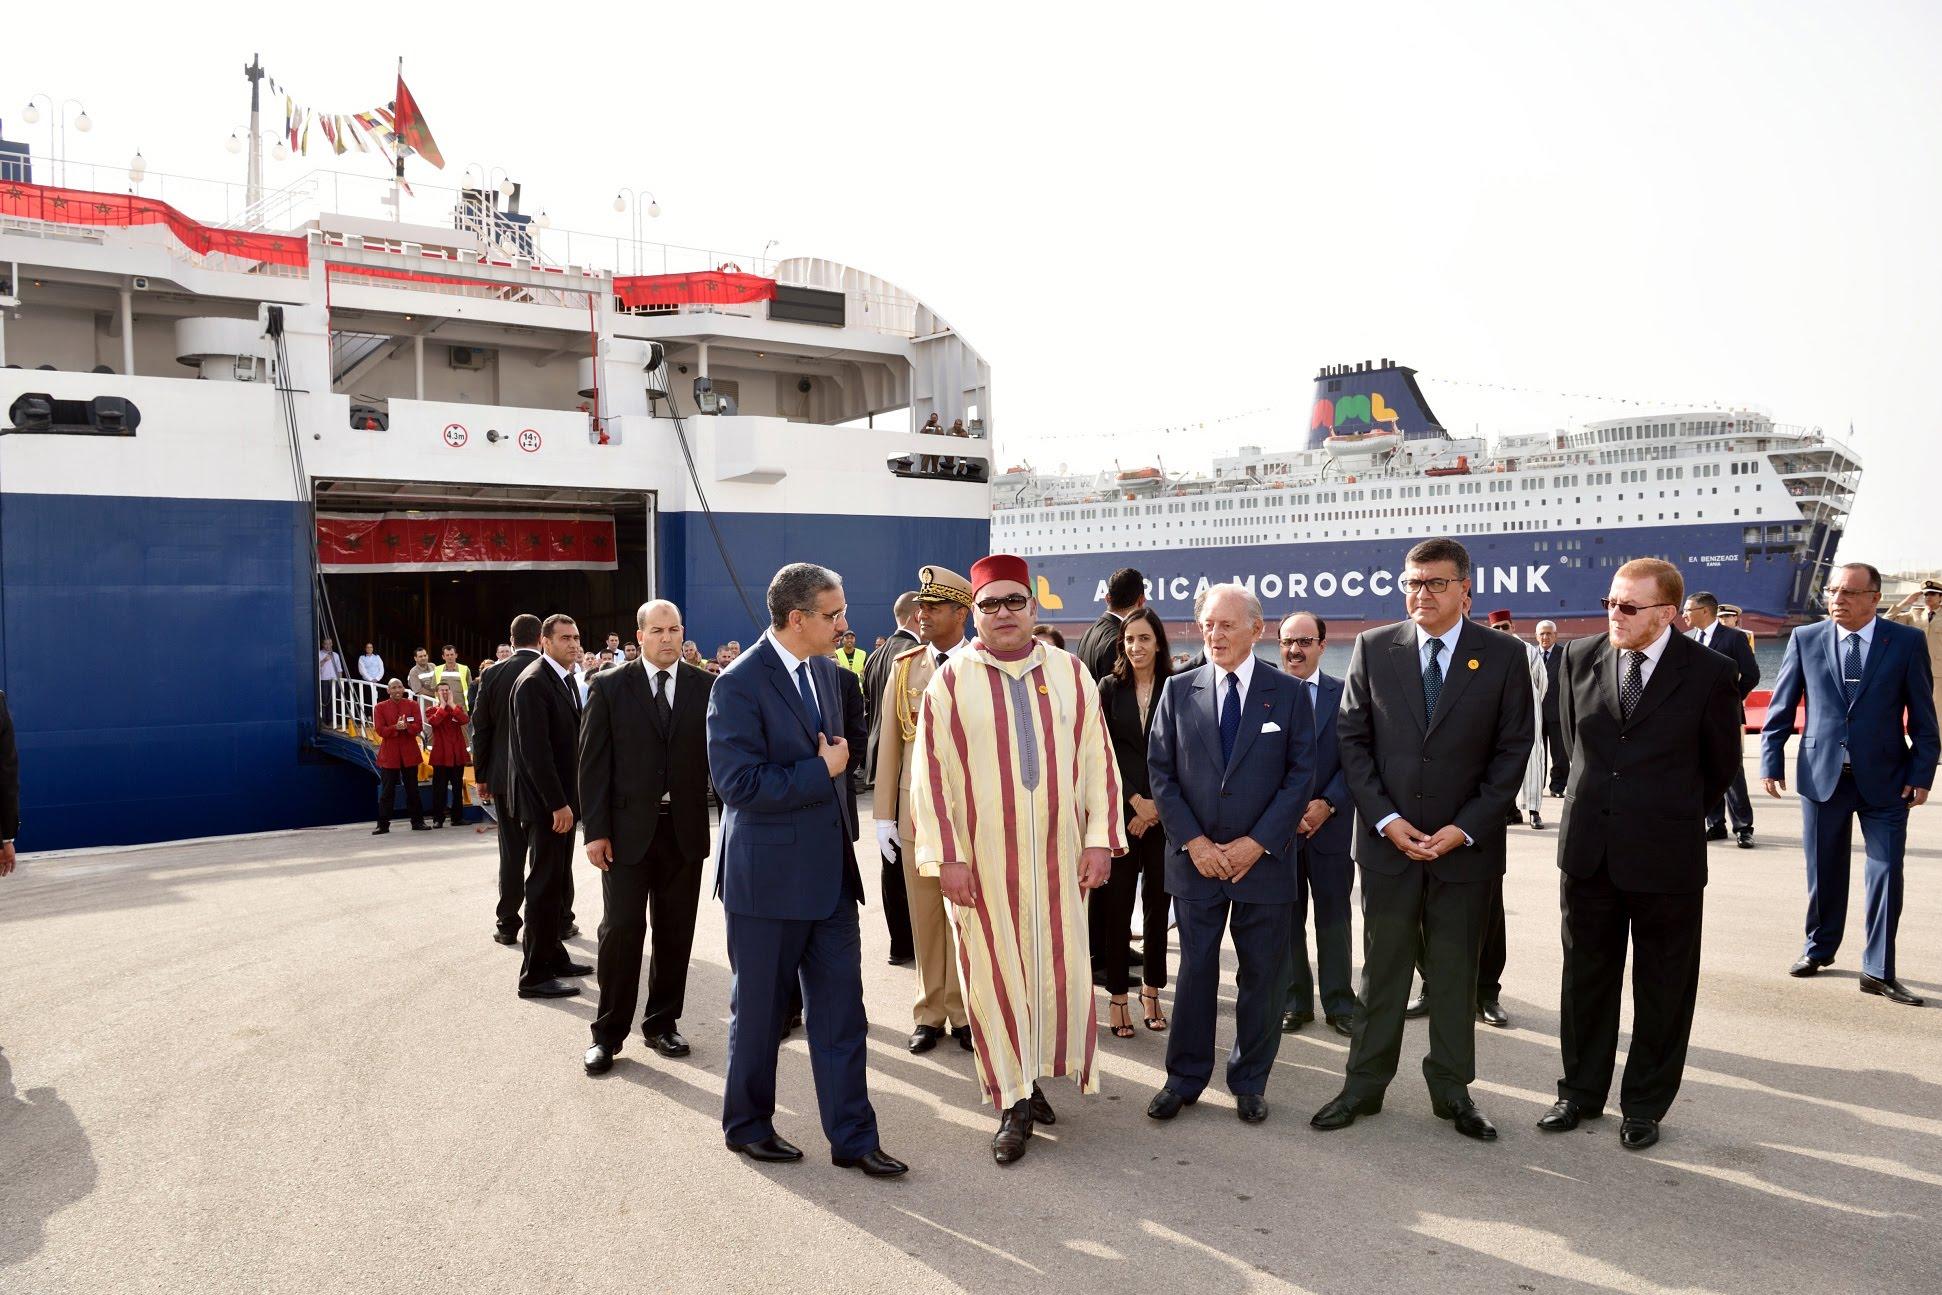 الملك محمد السادس يستقبل الجالية بميناء طنجة